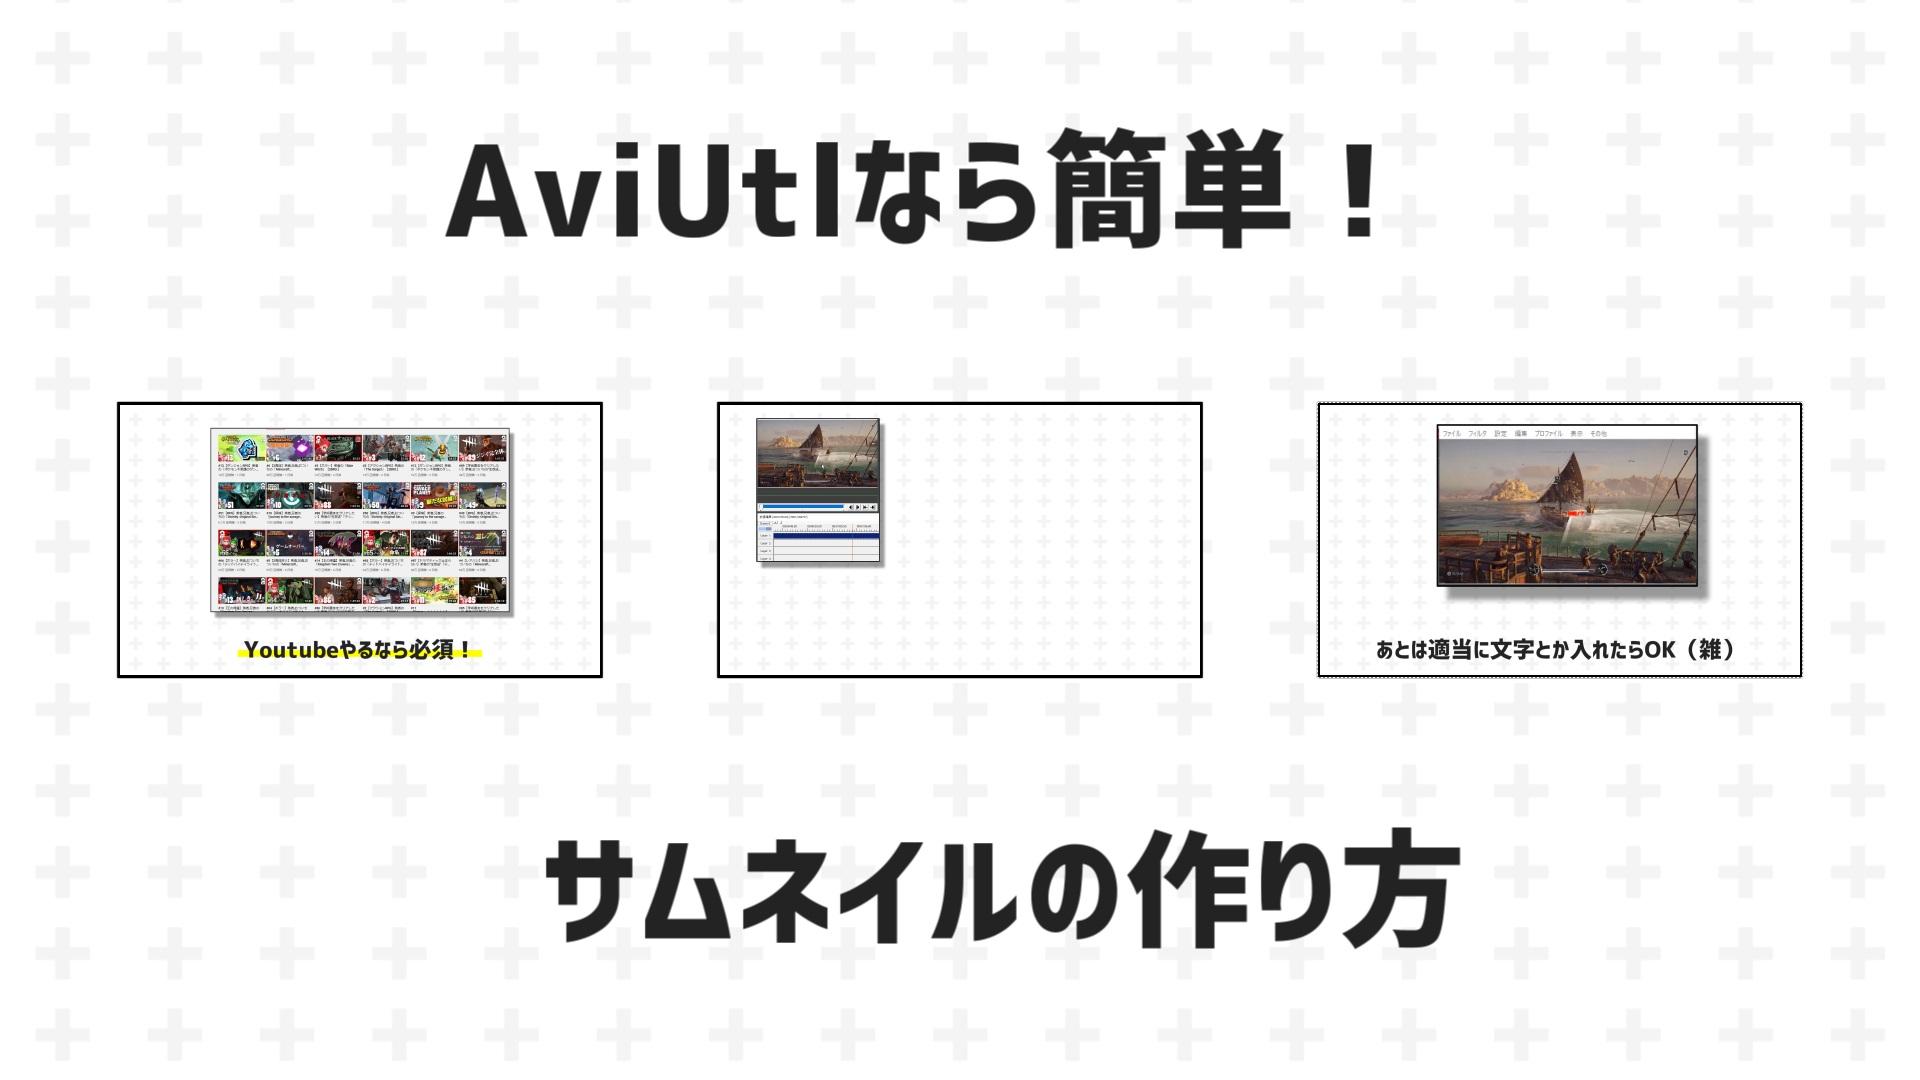 AviUtlならペイントを使ってサムネイルを簡単に作れます。AviUtlもペイントも無料なので、ガンガン使いましょうw